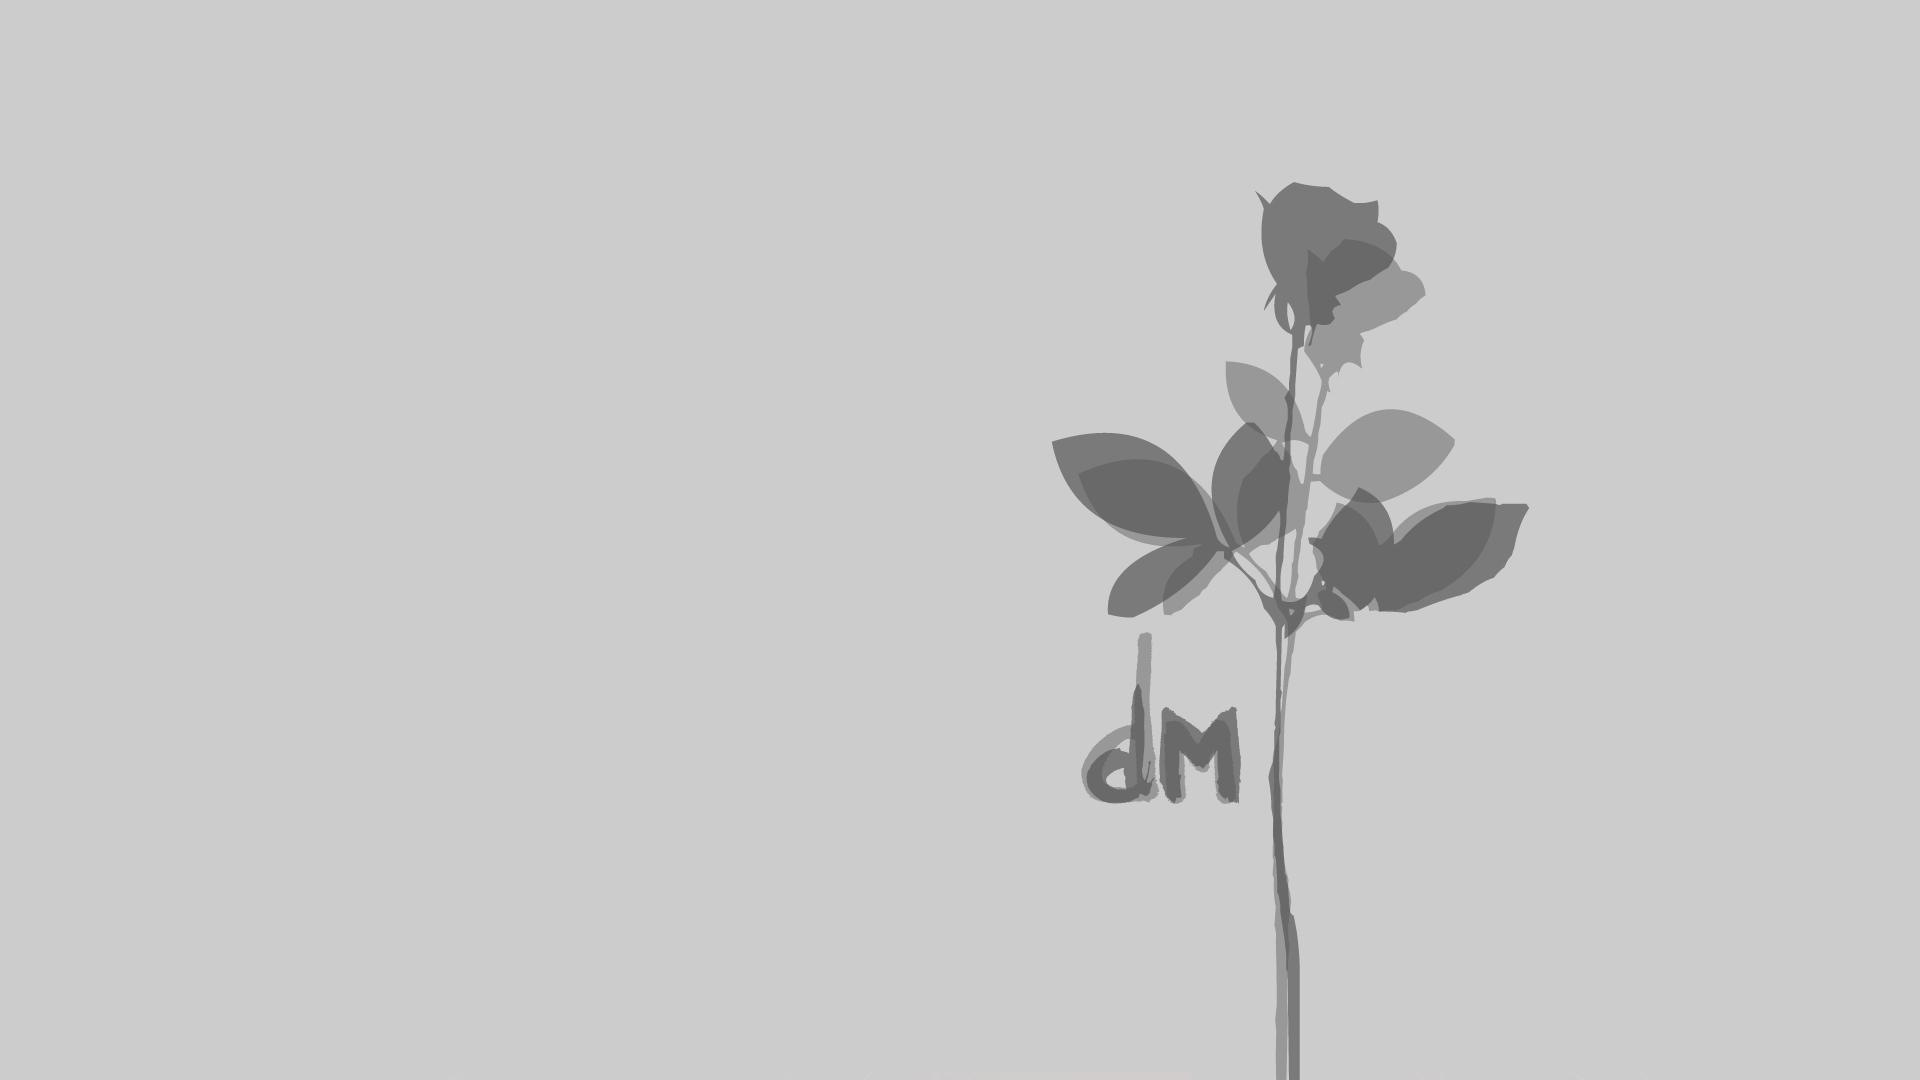 Depeche Mode Logo 2013 Depeche Mode : Grey Ro...